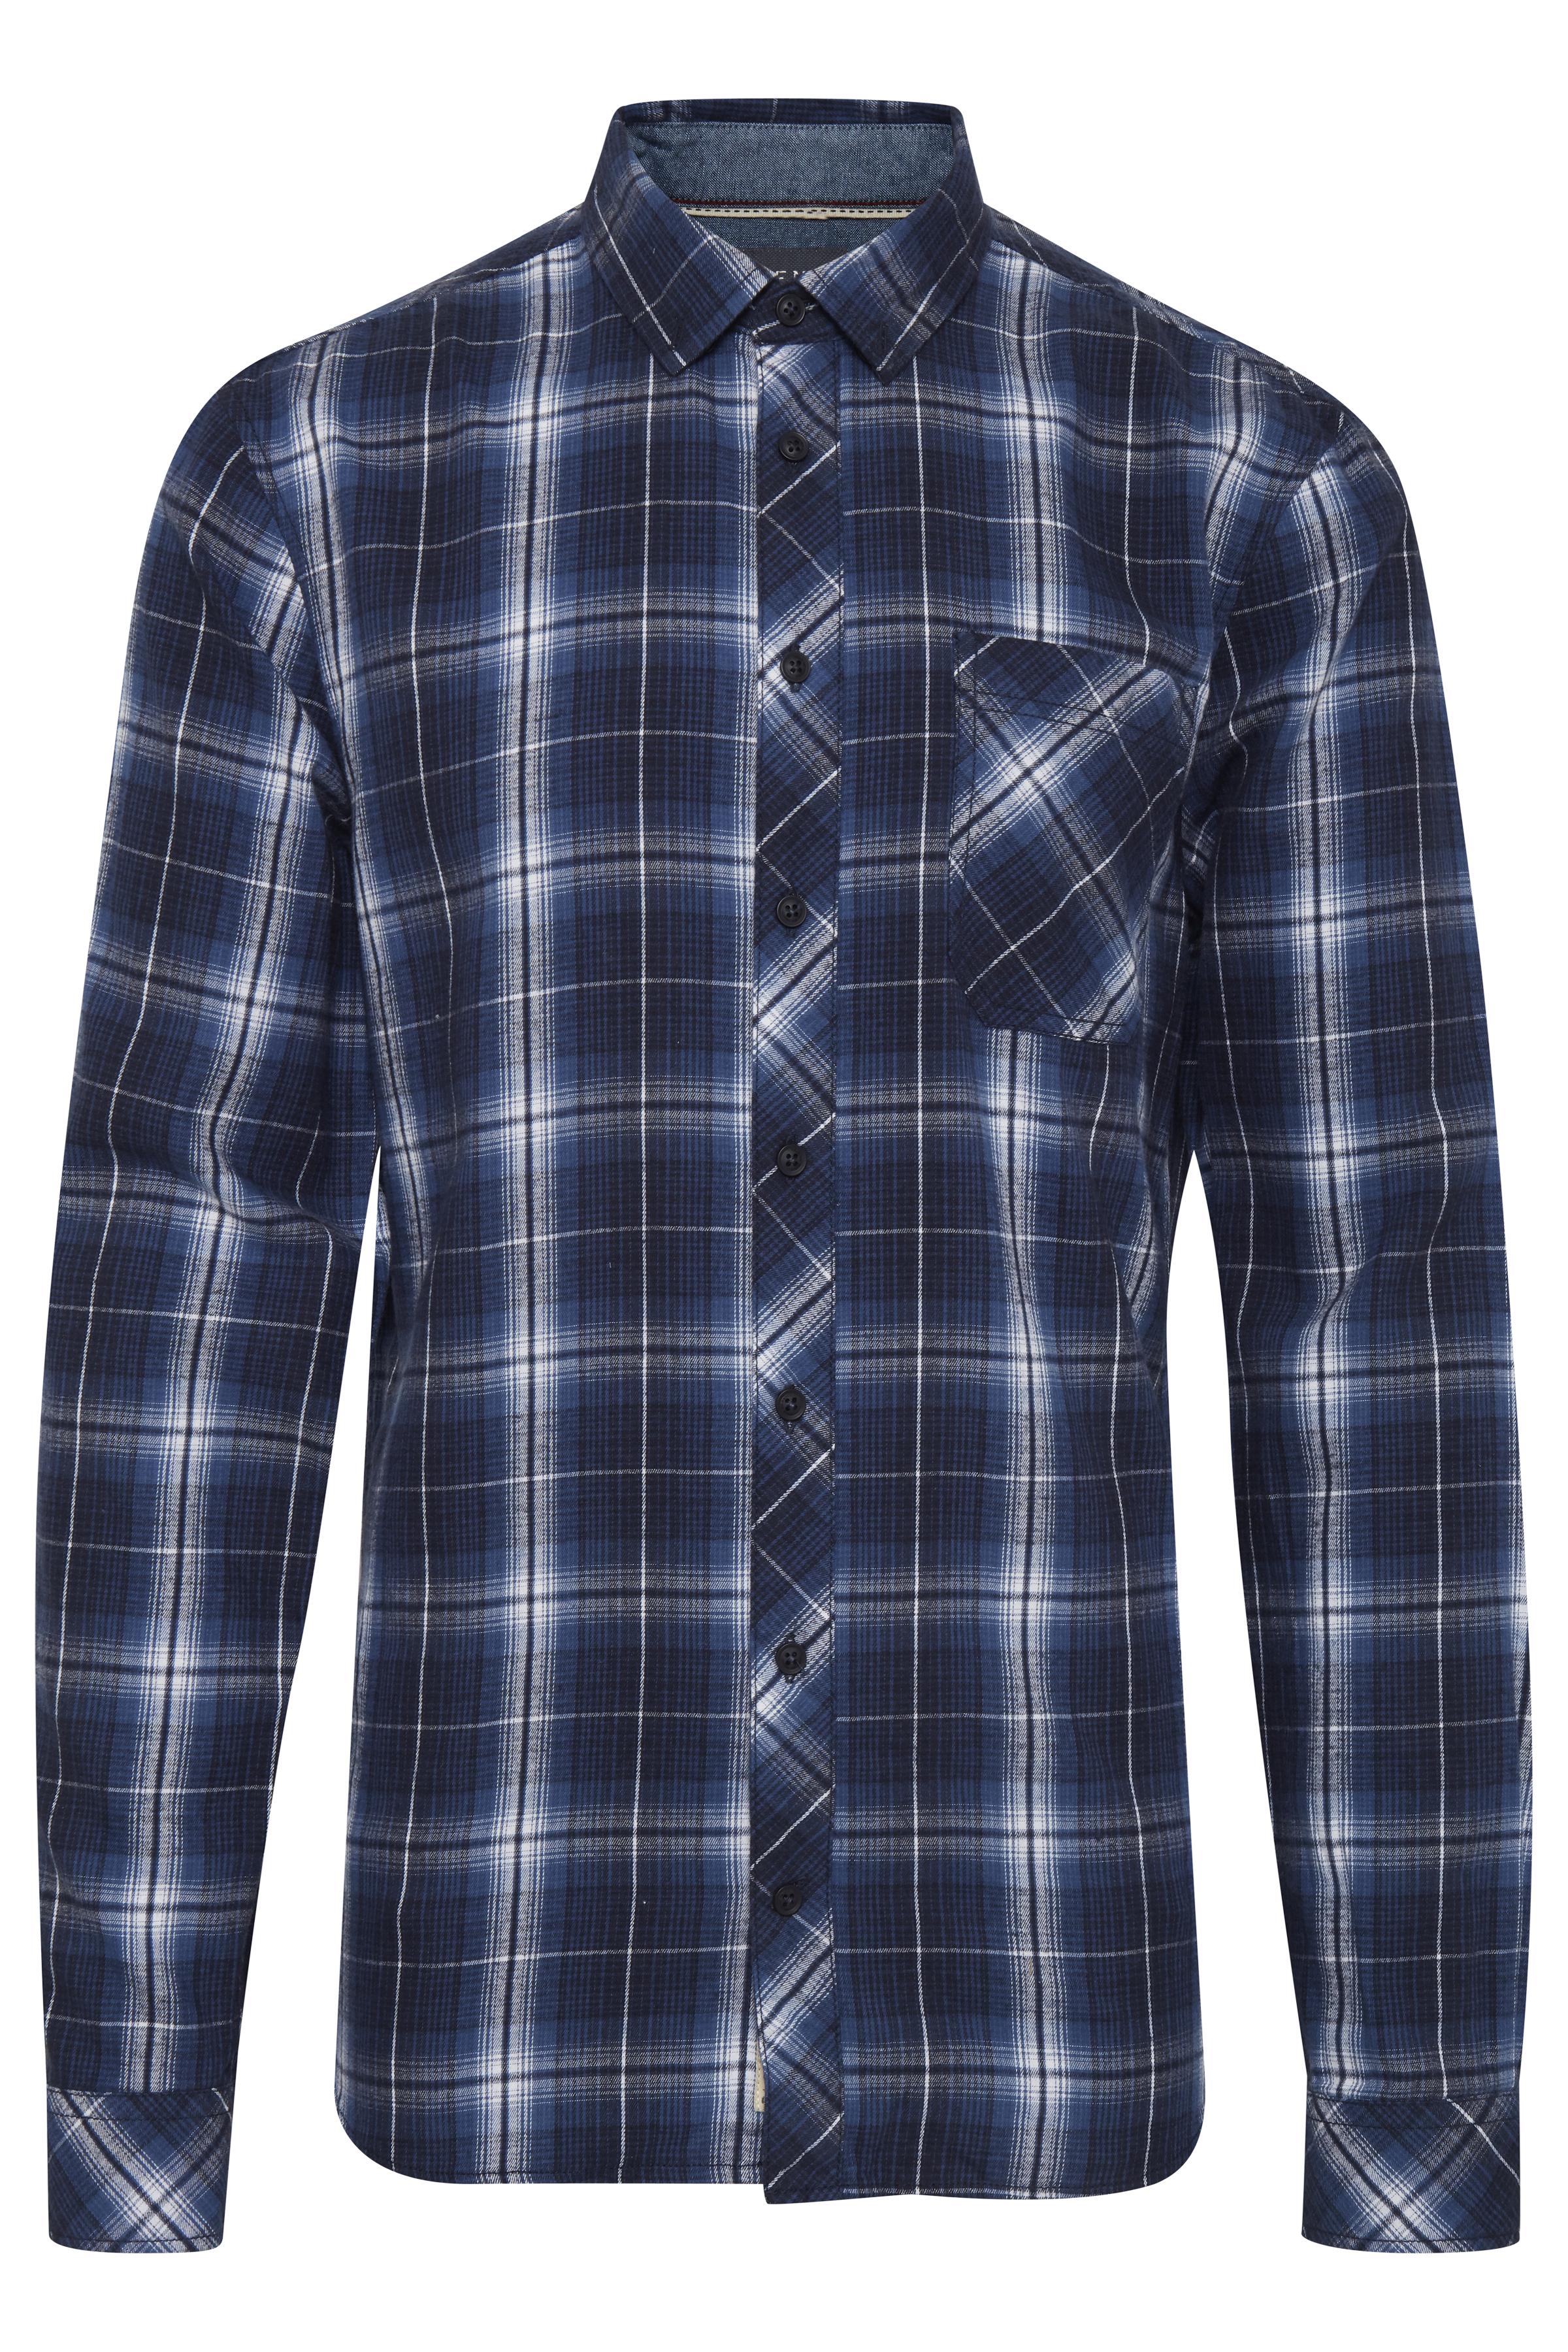 Image of Blend He Herre Langærmet skjorte - Denim Blue